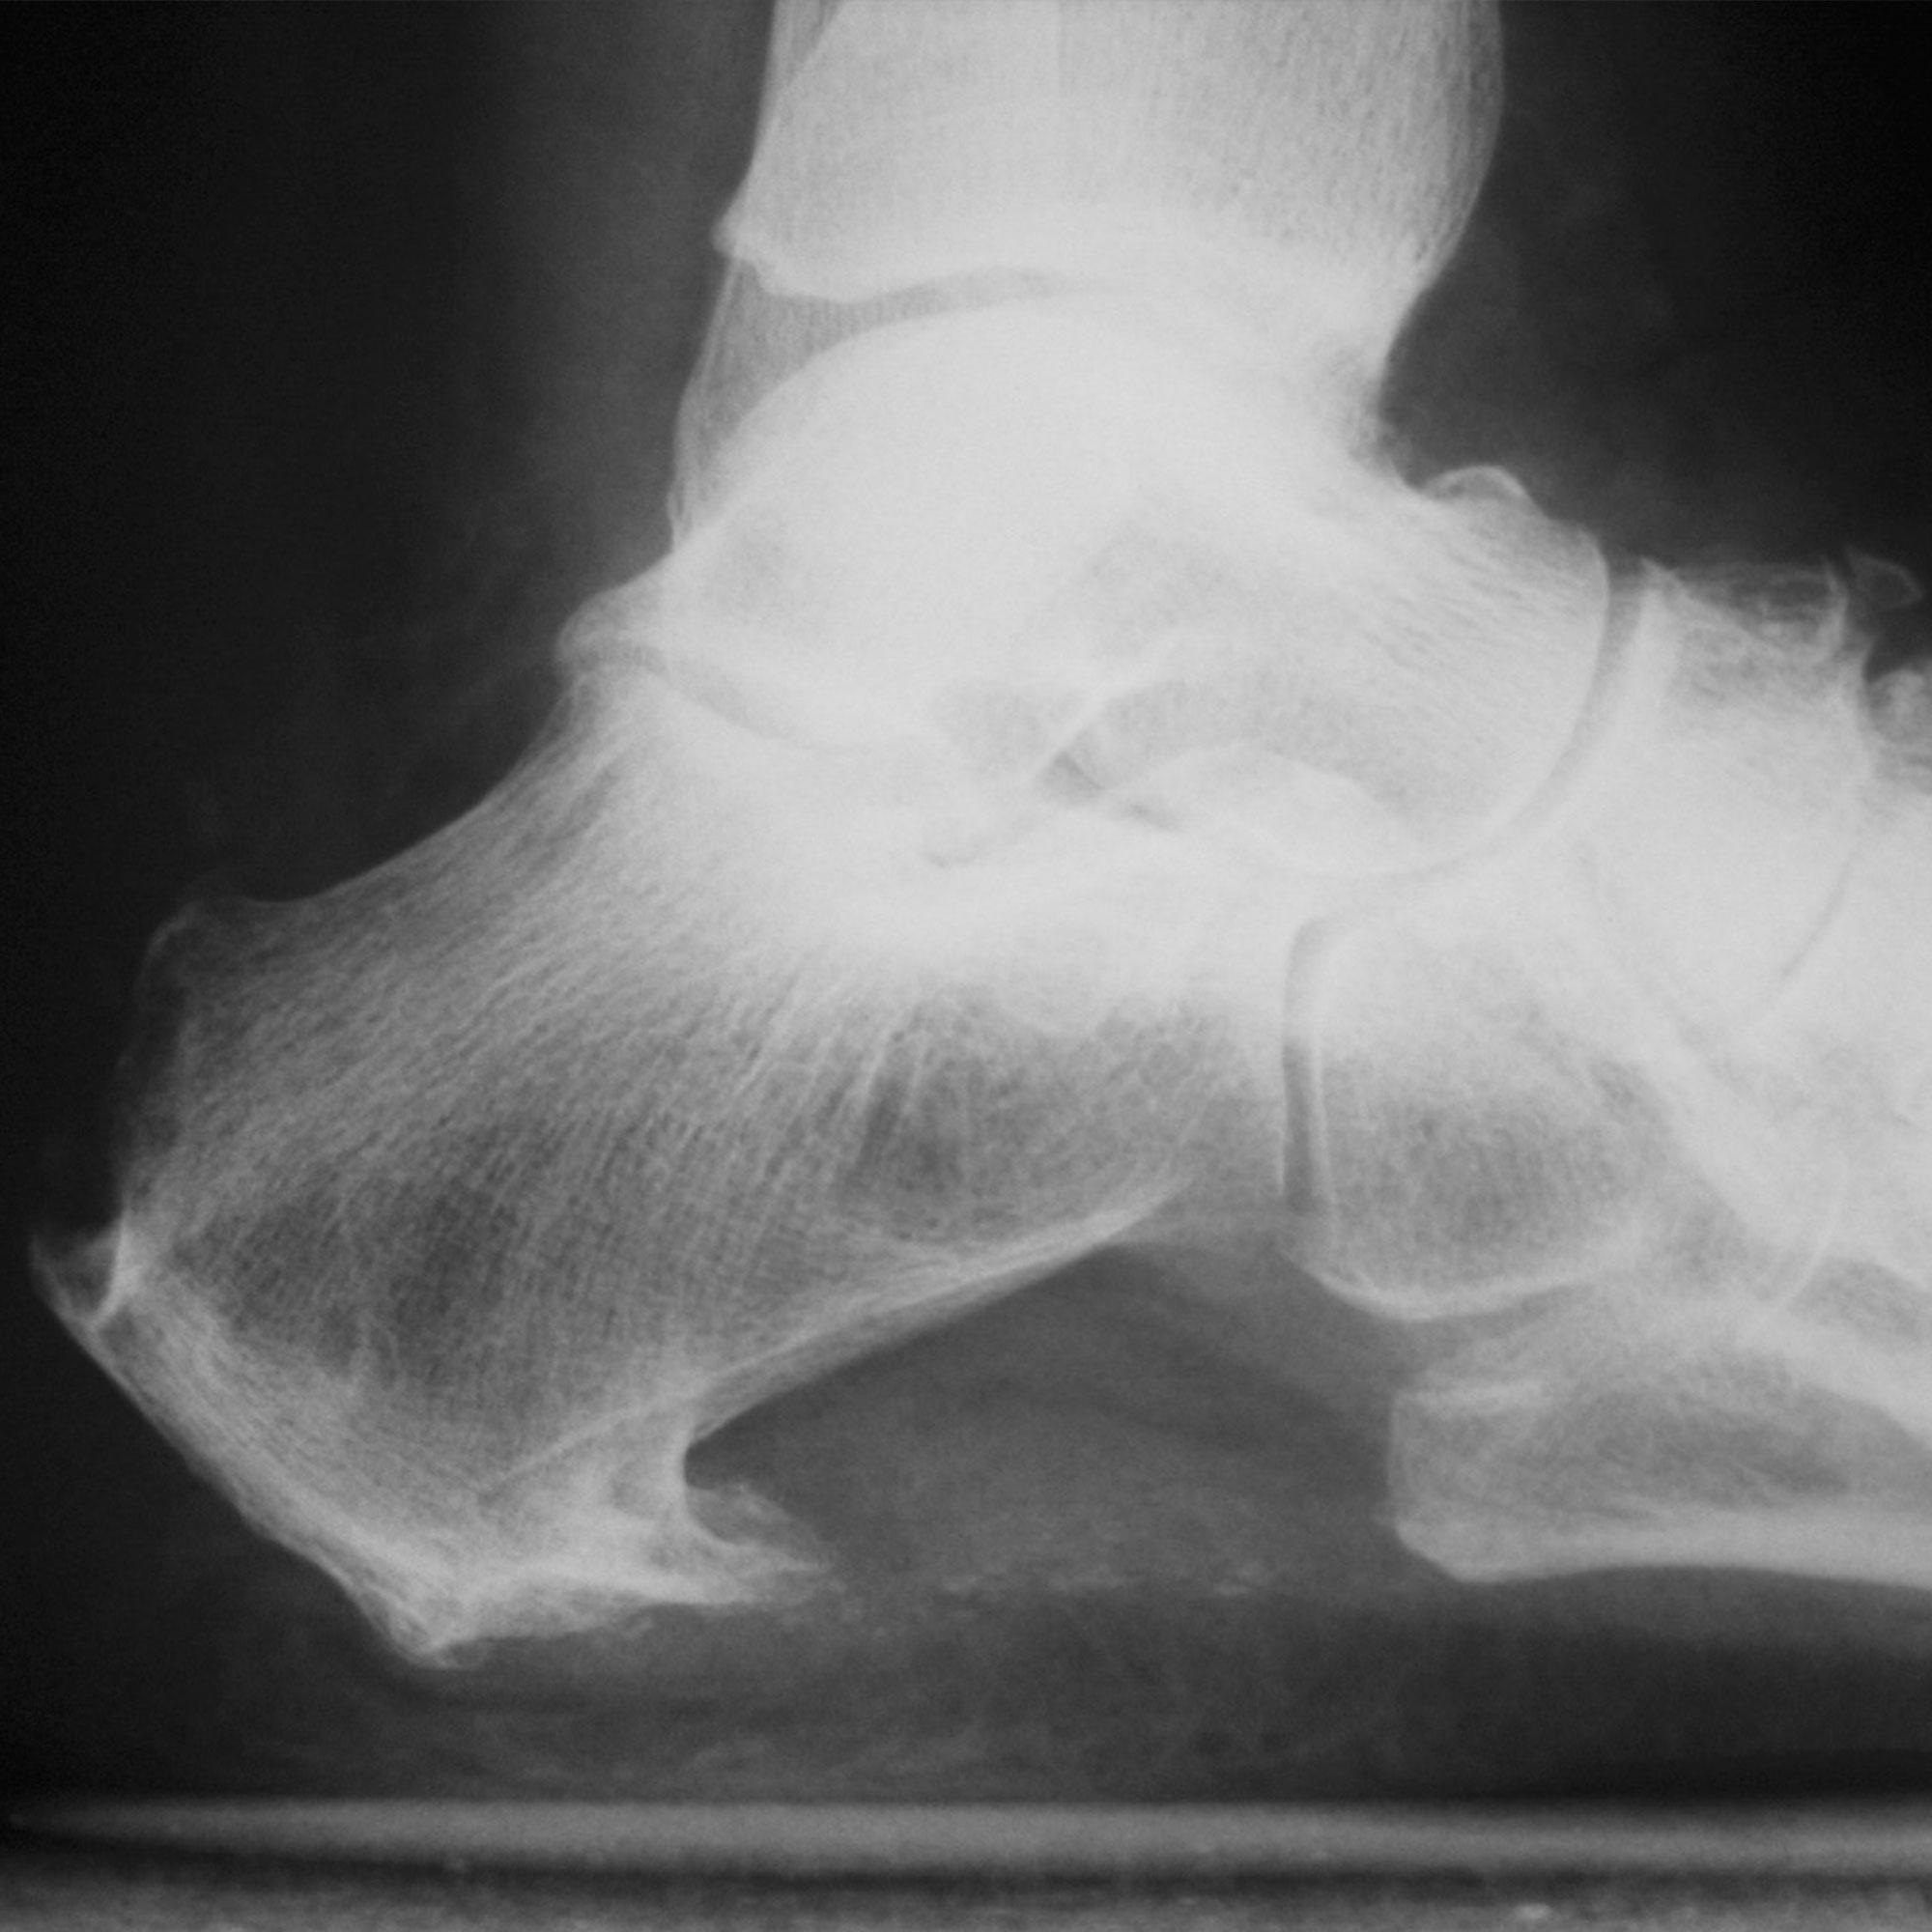 Radiologia espolón calcáneo